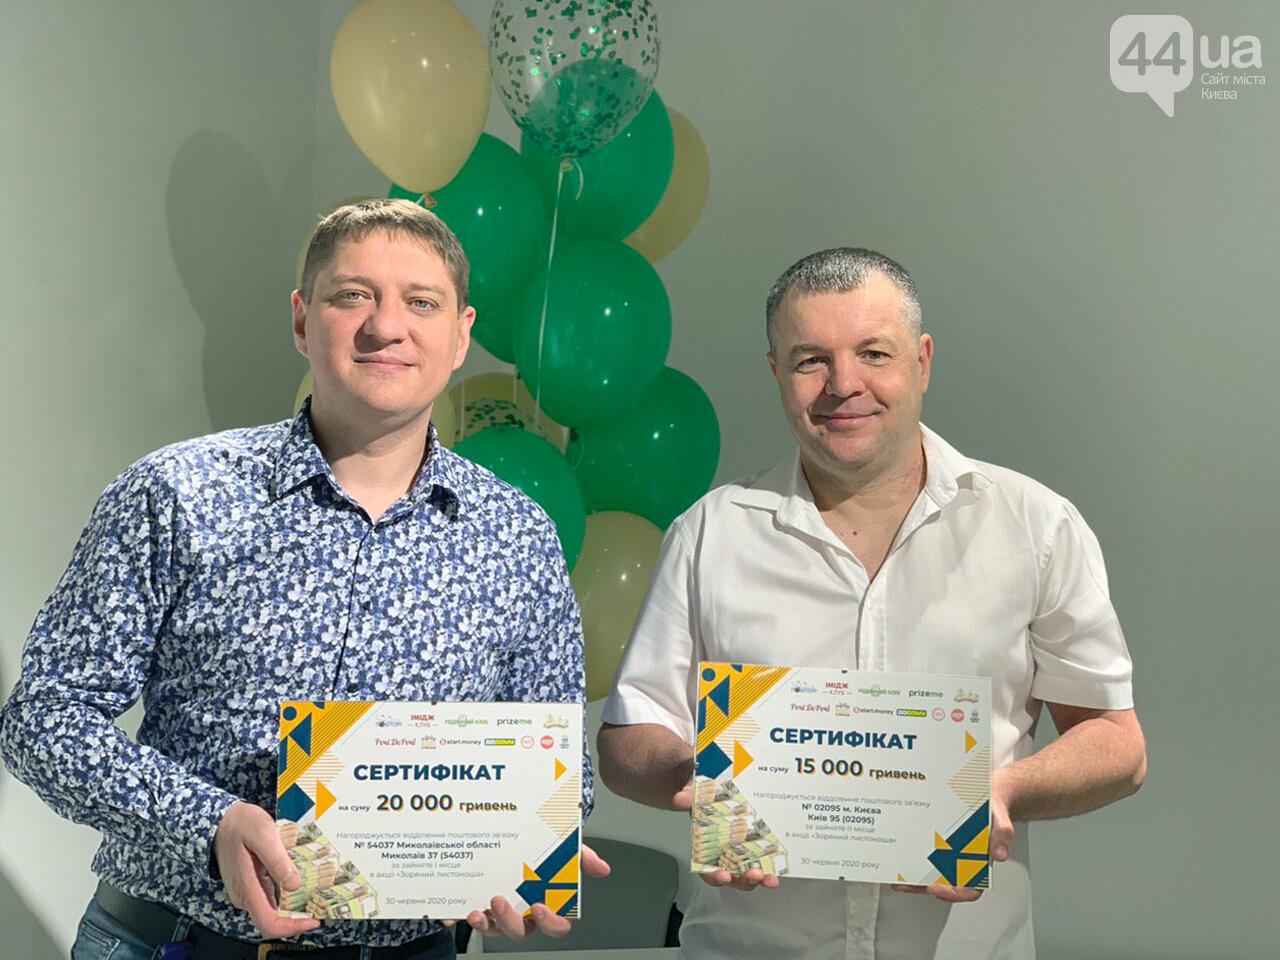 «Зоряний листоноша» возвращается: Компания «С-Мейл» провела акцию для сотрудников Укрпочты, фото-4